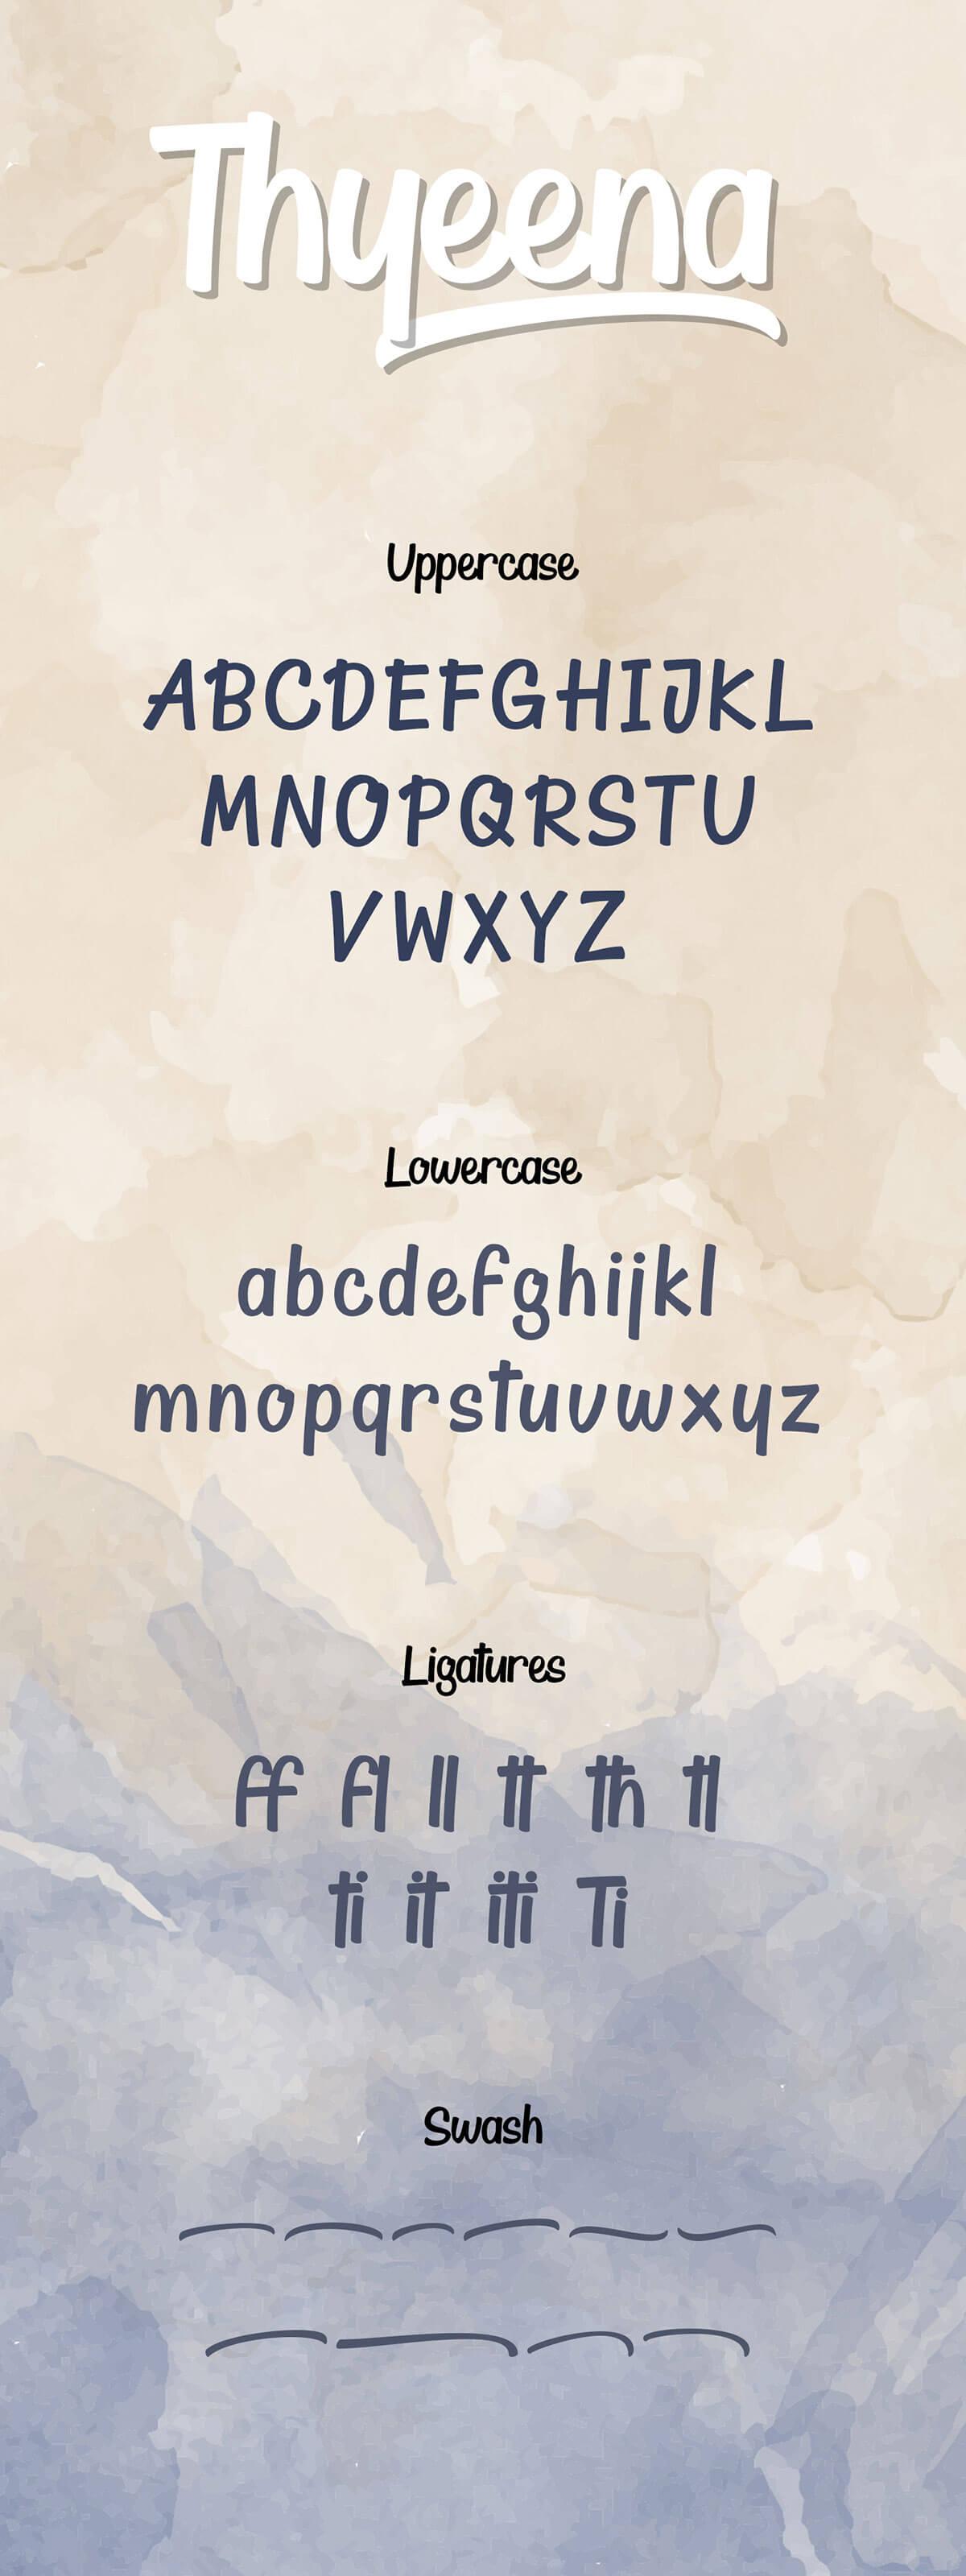 Free Thyeena Handwritten Script Typeface